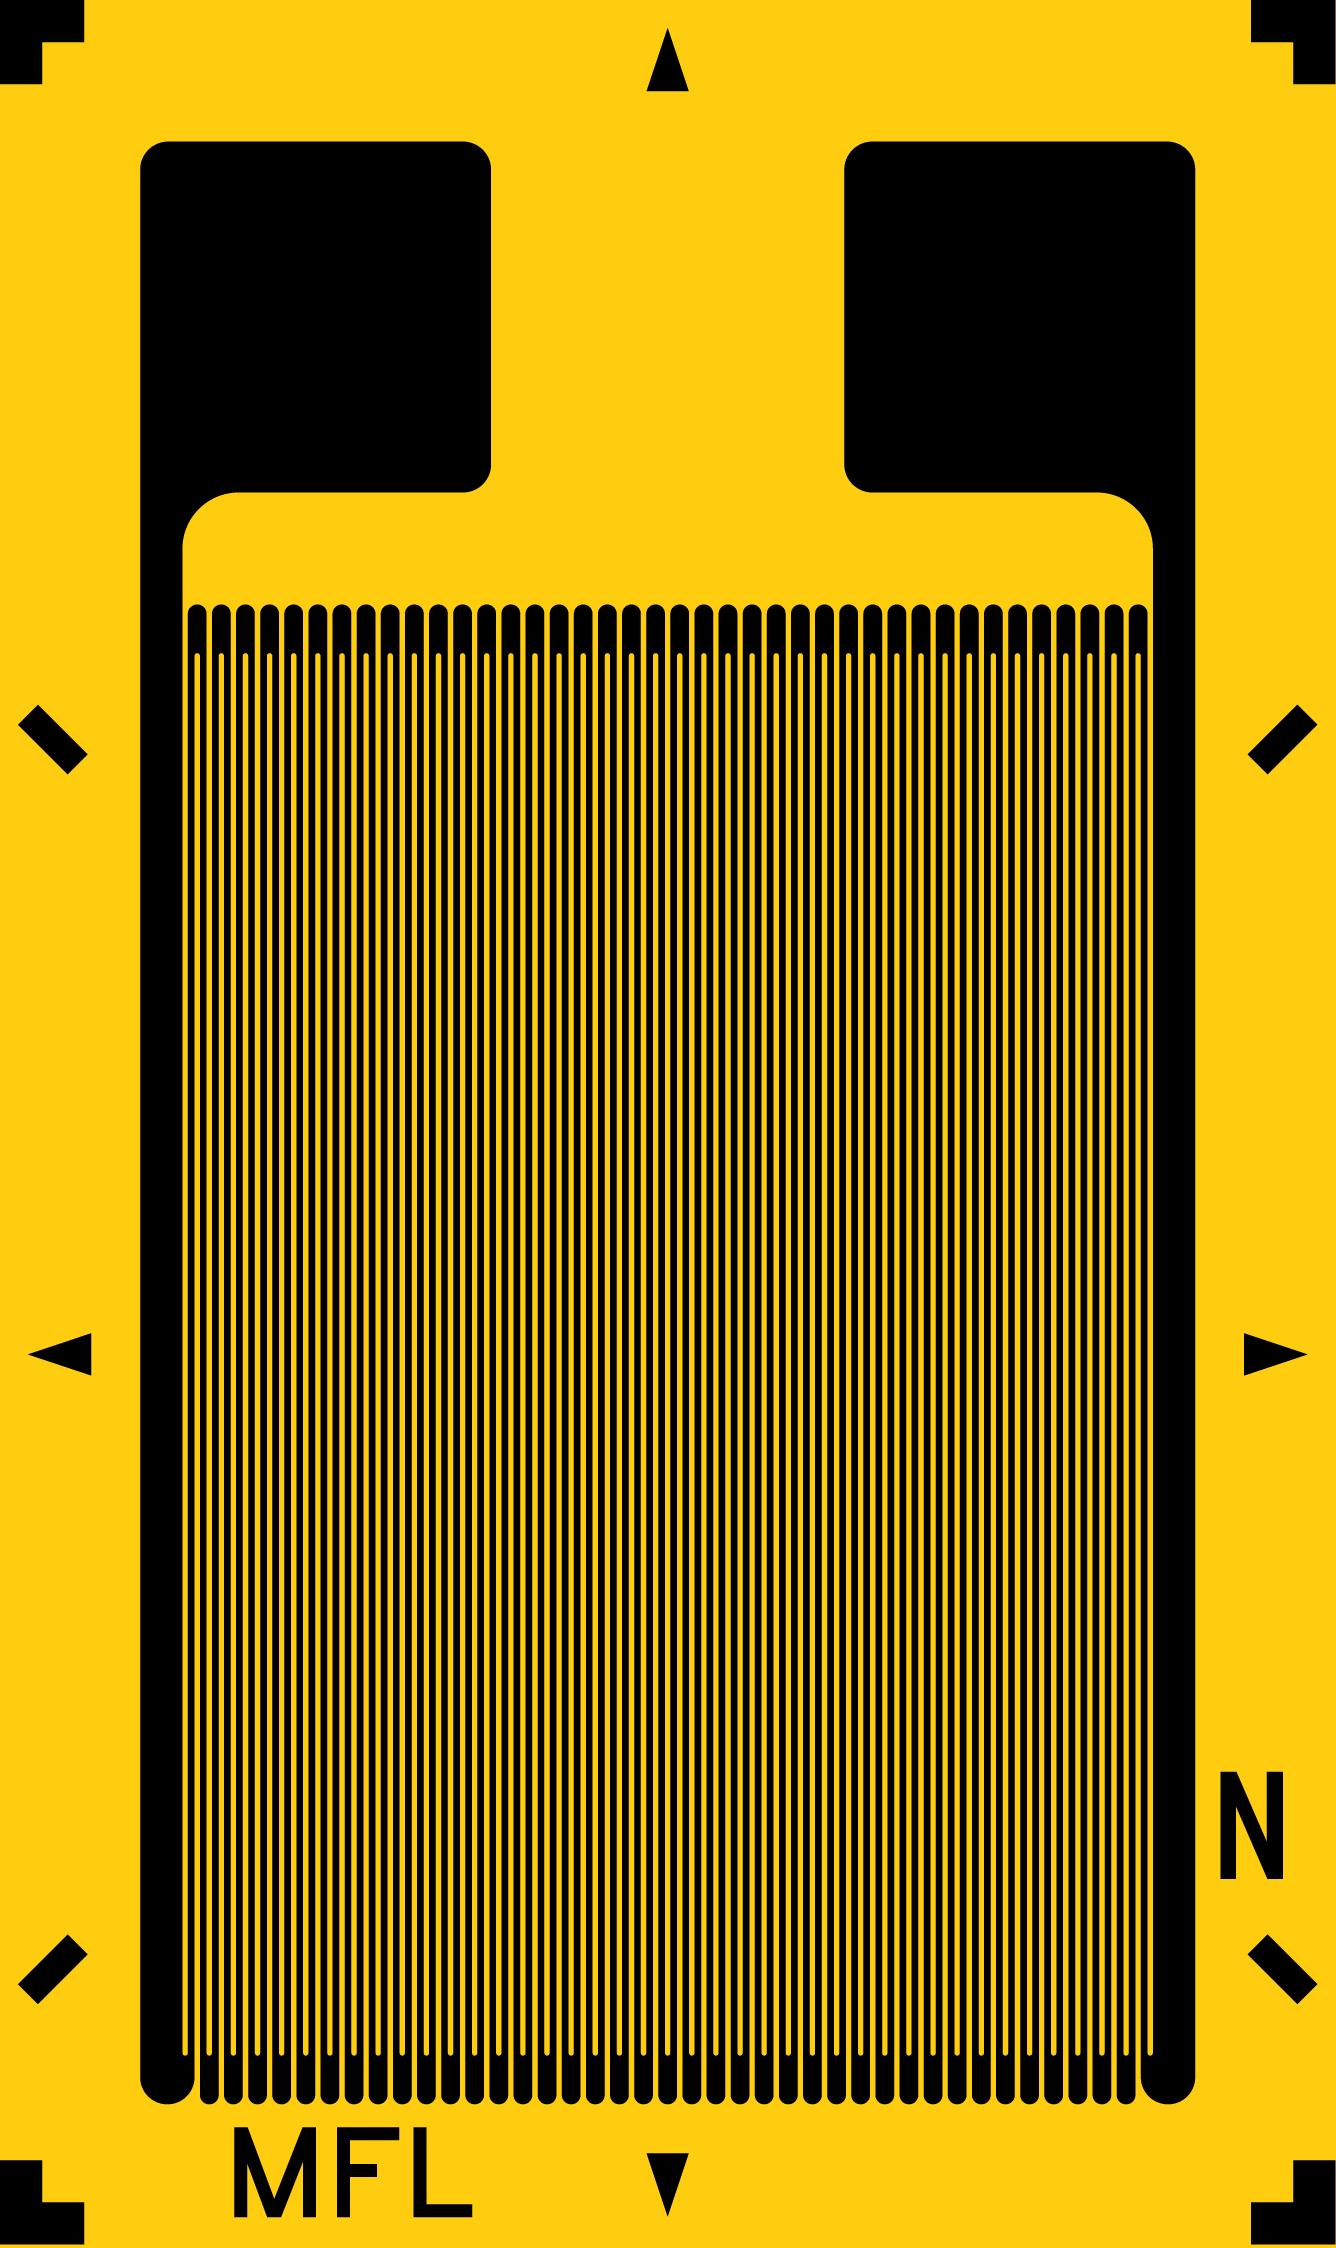 L10-2500N-XX-Y